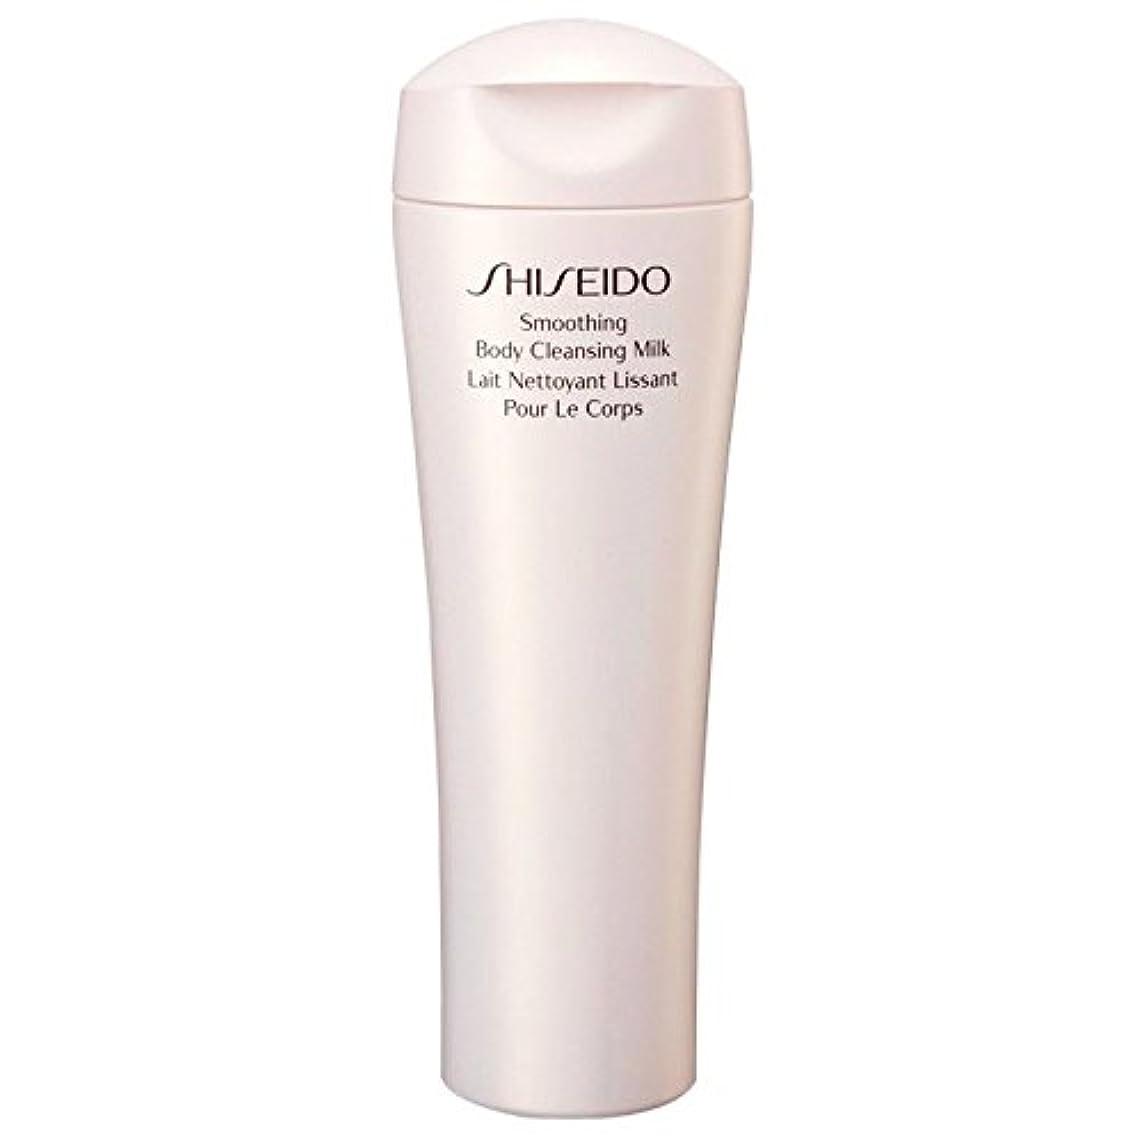 カビ復活させる電気的[Shiseido] 資生堂スムージングボディクレンジングミルク200ミリリットル - Shiseido Smoothing Body Cleansing Milk 200ml [並行輸入品]